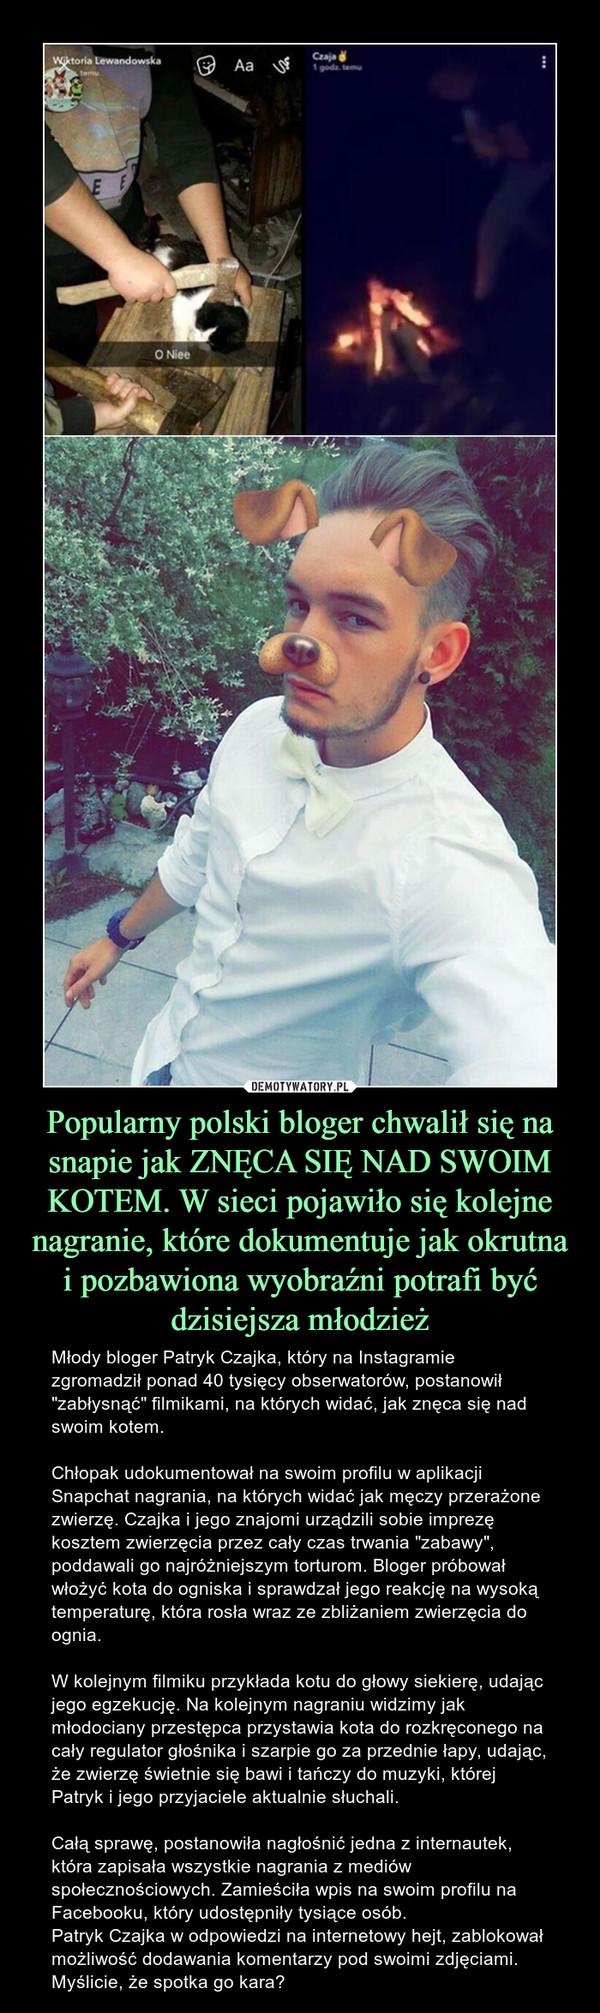 """Popularny polski bloger chwalił się na snapie jak ZNĘCA SIĘ NAD SWOIM KOTEM. W sieci pojawiło się kolejne nagranie, które dokumentuje jak okrutna i pozbawiona wyobraźni potrafi być dzisiejsza młodzież – Młody bloger Patryk Czajka, który na Instagramie zgromadził ponad 40 tysięcy obserwatorów, postanowił """"zabłysnąć"""" filmikami, na których widać, jak znęca się nad swoim kotem.Chłopak udokumentował na swoim profilu w aplikacji Snapchat nagrania, na których widać jak męczy przerażone zwierzę. Czajka i jego znajomi urządzili sobie imprezę kosztem zwierzęcia przez cały czas trwania """"zabawy"""", poddawali go najróżniejszym torturom. Bloger próbował włożyć kota do ogniska i sprawdzał jego reakcję na wysoką temperaturę, która rosła wraz ze zbliżaniem zwierzęcia do ognia. W kolejnym filmiku przykłada kotu do głowy siekierę, udając jego egzekucję. Na kolejnym nagraniu widzimy jak młodociany przestępca przystawia kota do rozkręconego na cały regulator głośnika i szarpie go za przednie łapy, udając, że zwierzę świetnie się bawi i tańczy do muzyki, której Patryk i jego przyjaciele aktualnie słuchali.Całą sprawę, postanowiła nagłośnić jedna z internautek, która zapisała wszystkie nagrania z mediów społecznościowych. Zamieściła wpis na swoim profilu na Facebooku, który udostępniły tysiące osób.Patryk Czajka w odpowiedzi na internetowy hejt, zablokował możliwość dodawania komentarzy pod swoimi zdjęciami. Myślicie, że spotka go kara?"""